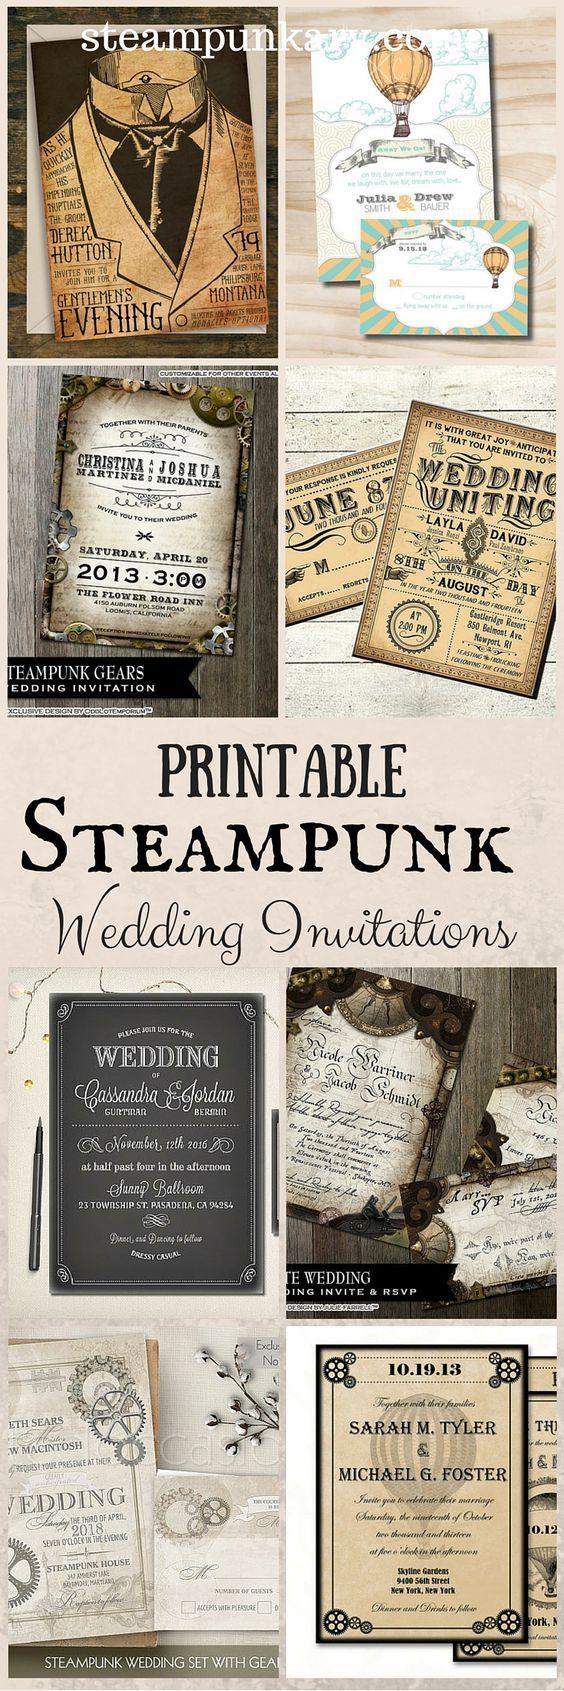 Printable Steampunk Wedding Invitations                                                                                                                                                                                 Más